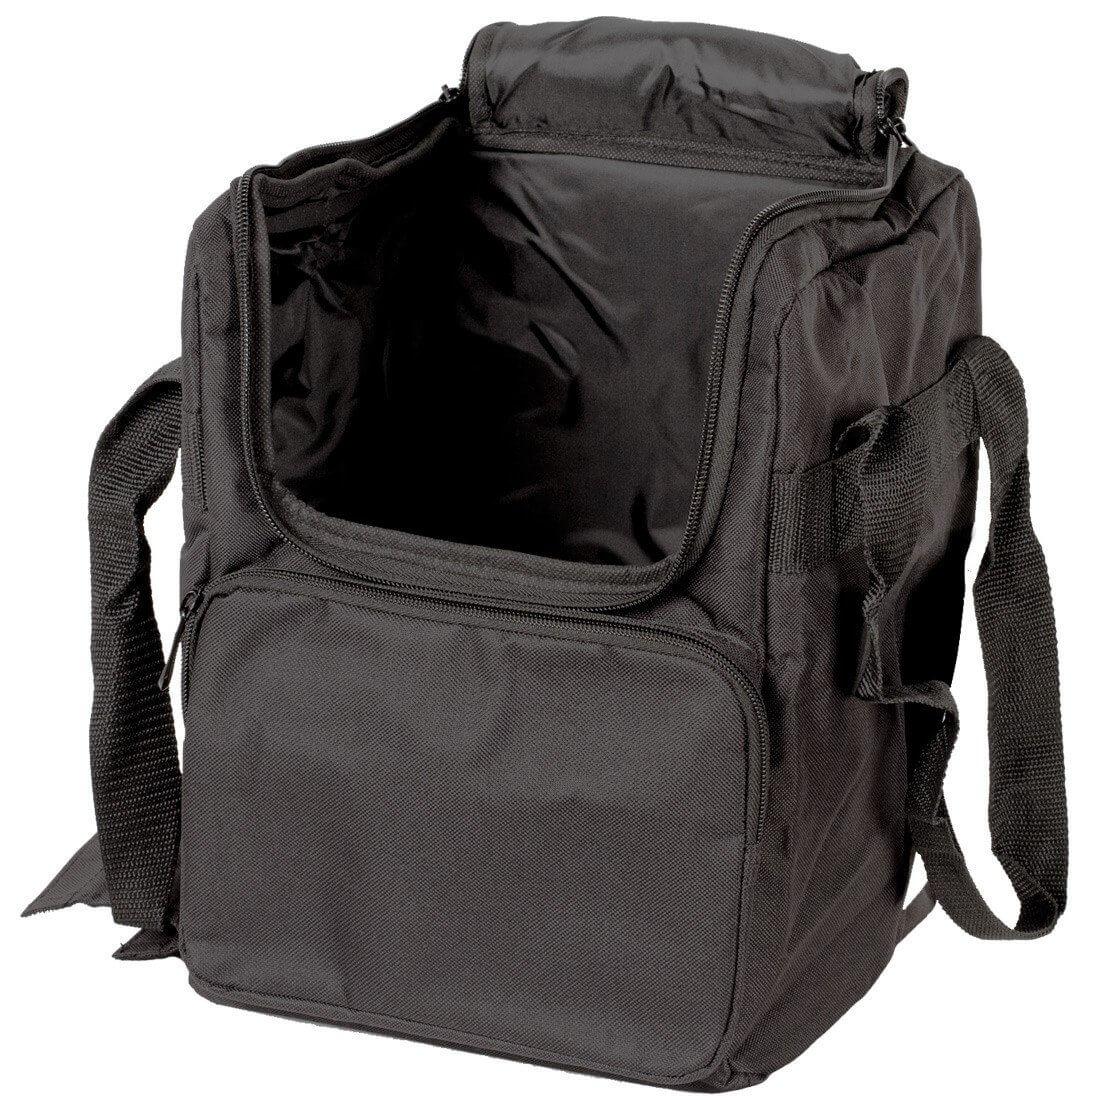 Accu-Case AC-115 Padded Transit Bag